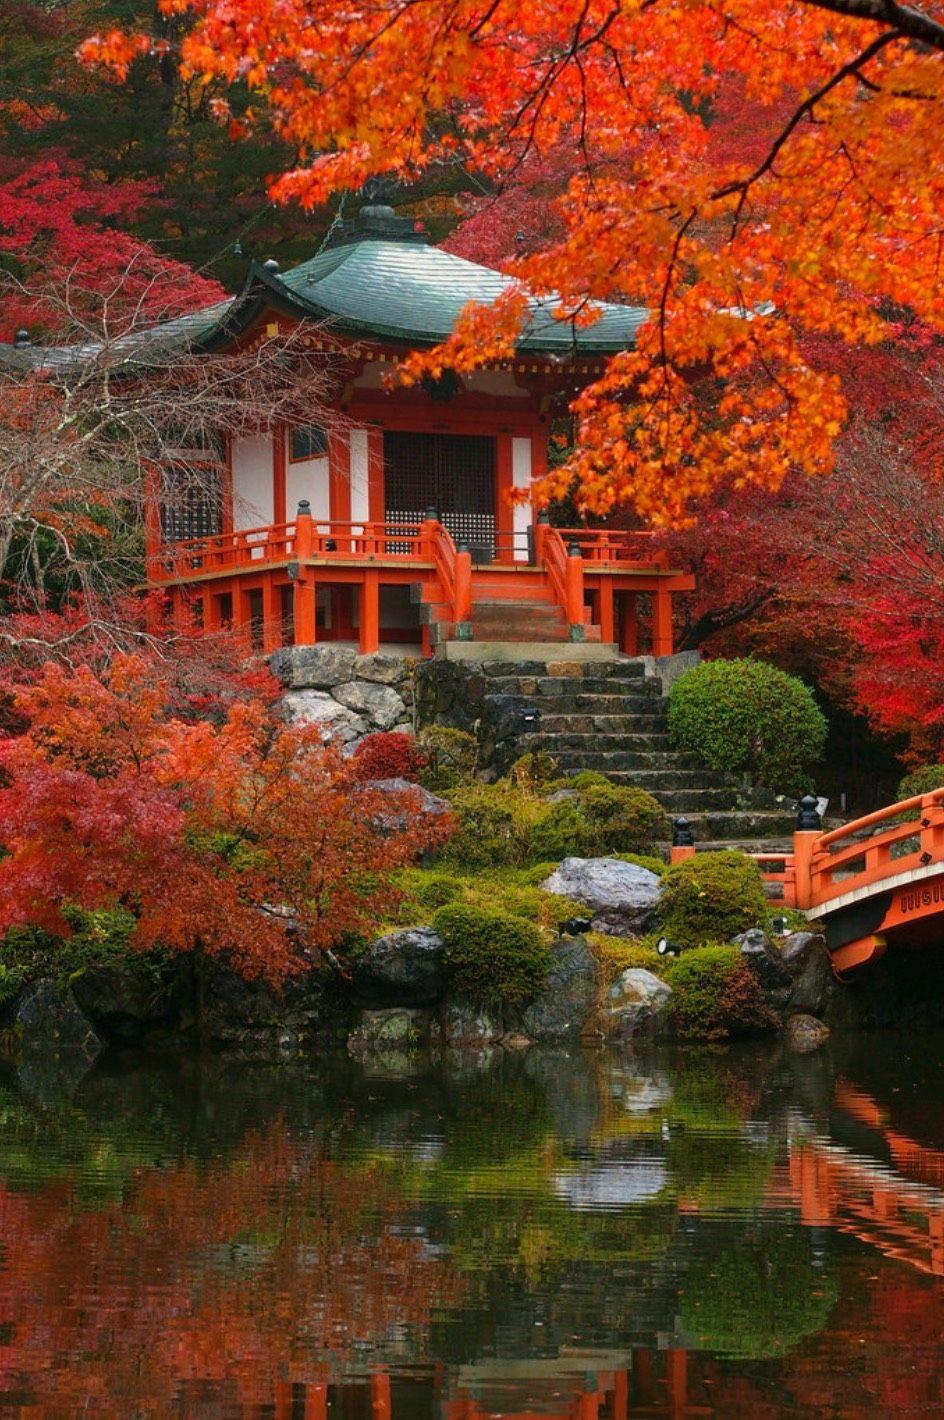 京都 醍醐寺 (Kyoto, Japan) | Buddhist temple, Buddhists and Kyoto